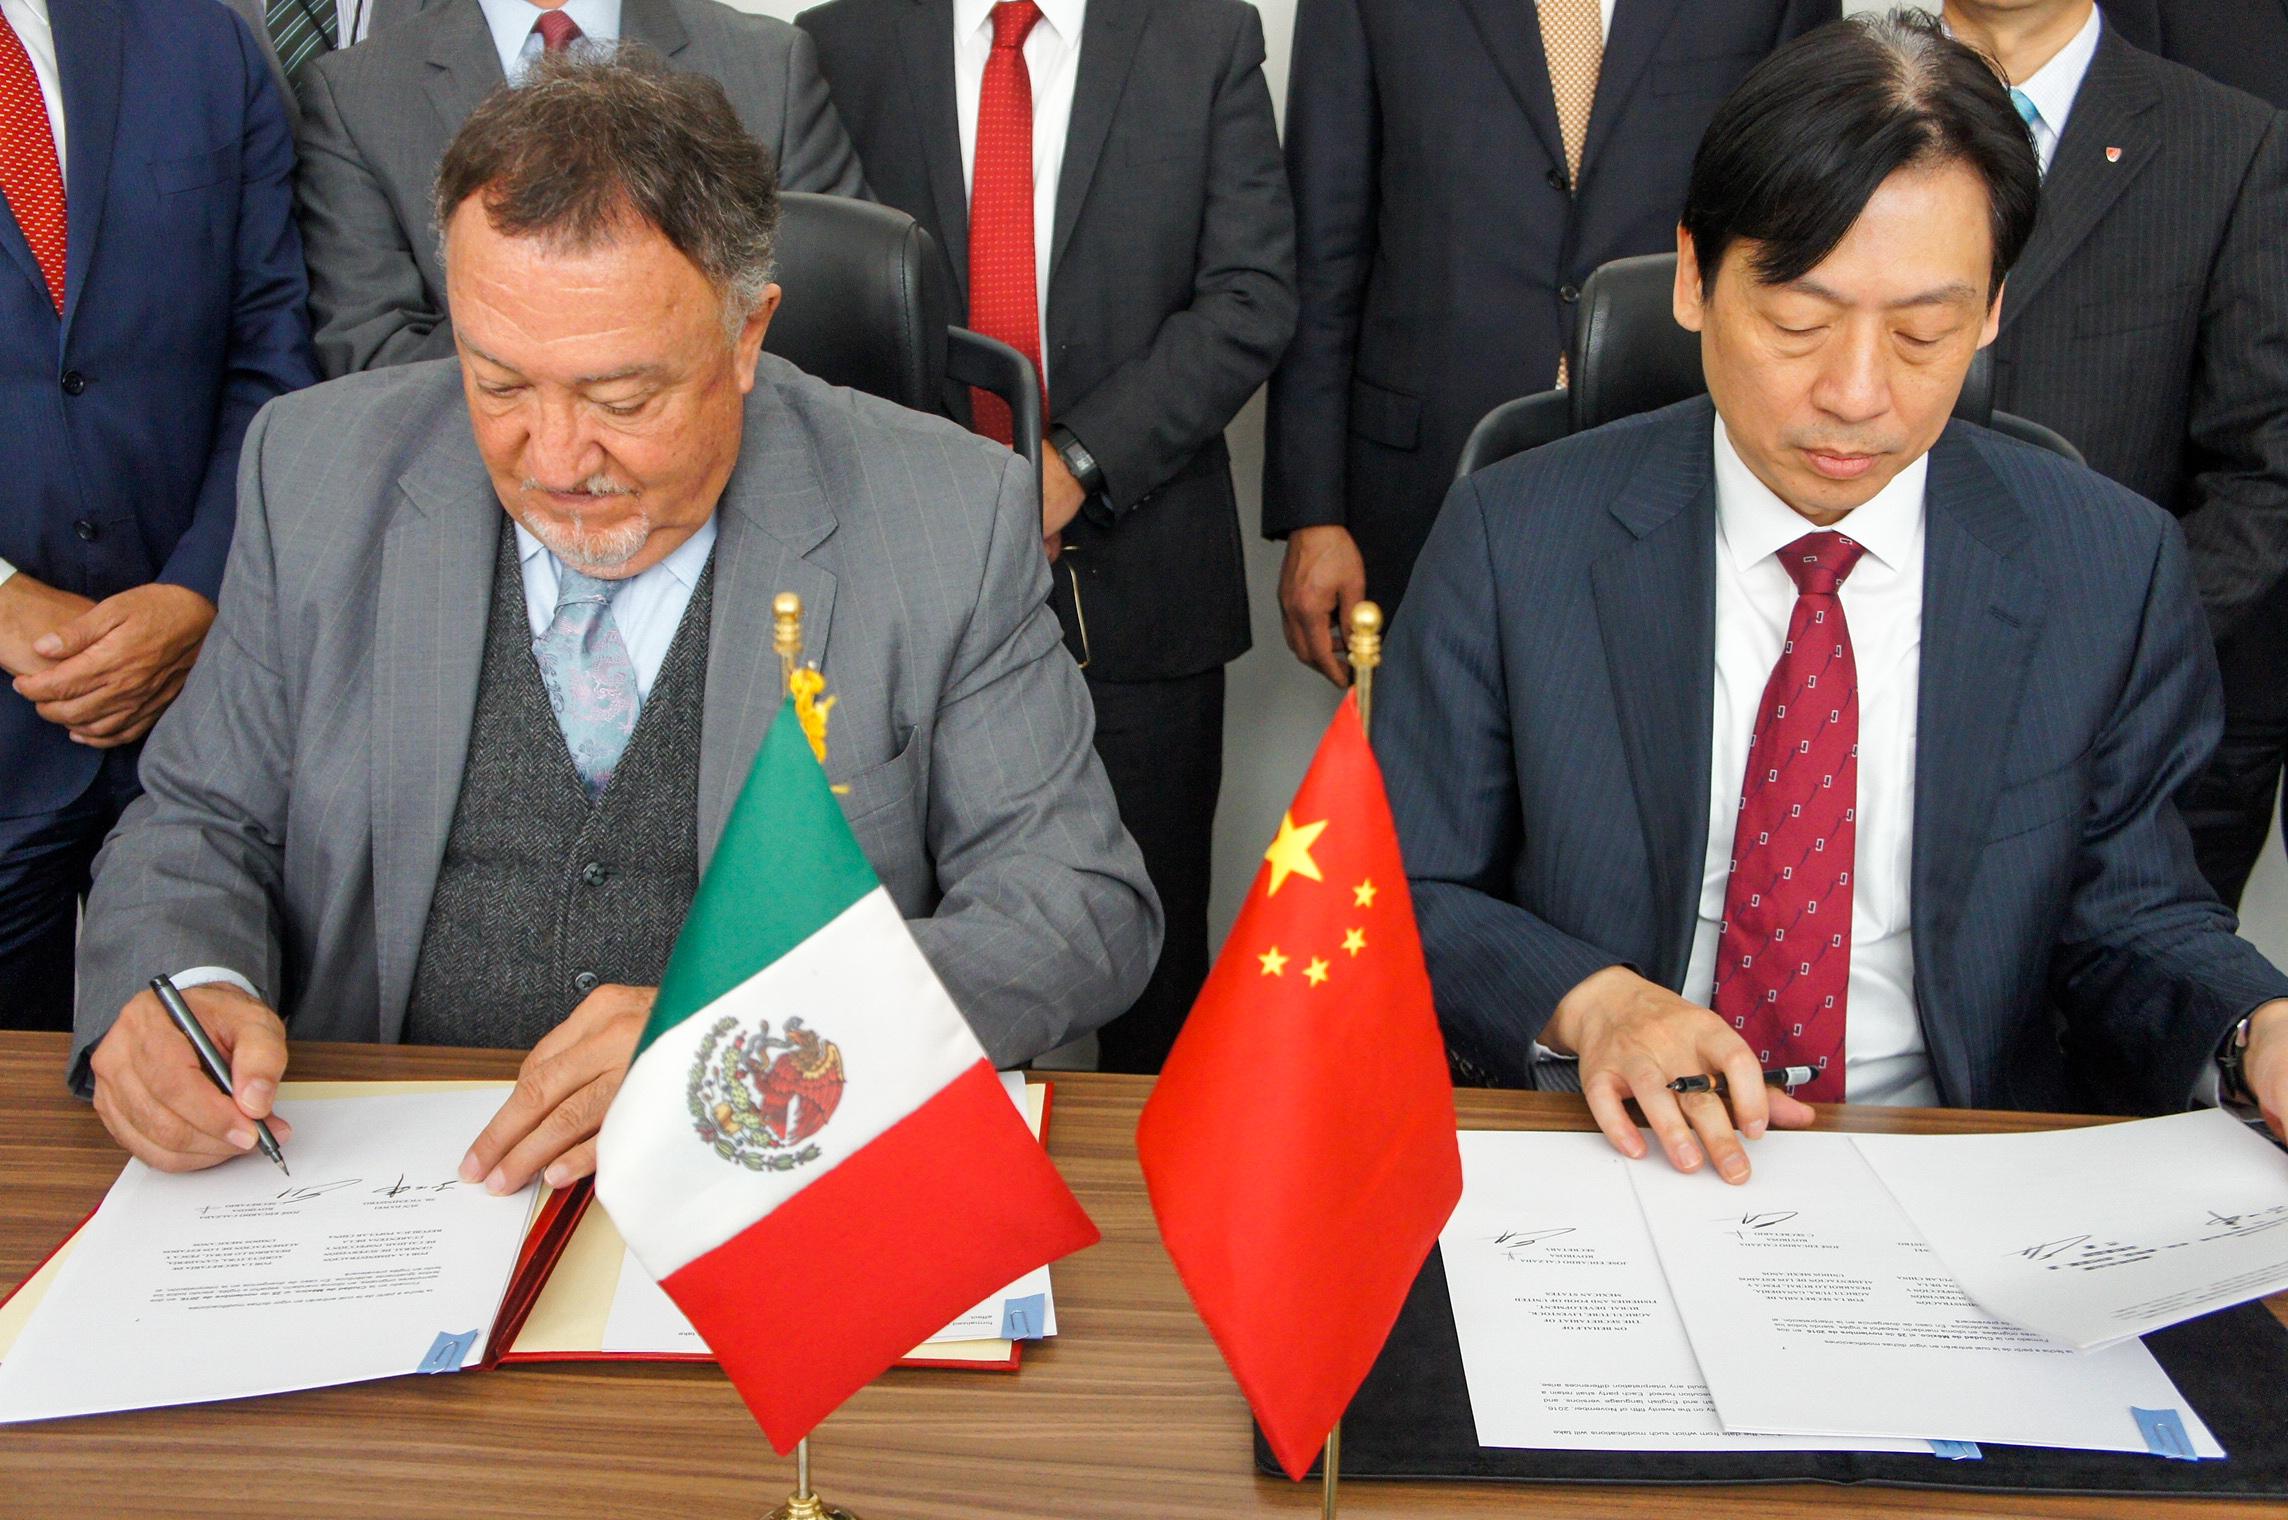 En poco tiempo se alcanzaron grandes acuerdos de intercambio comercial de productos agroalimentarios entre México y la nación asiática.